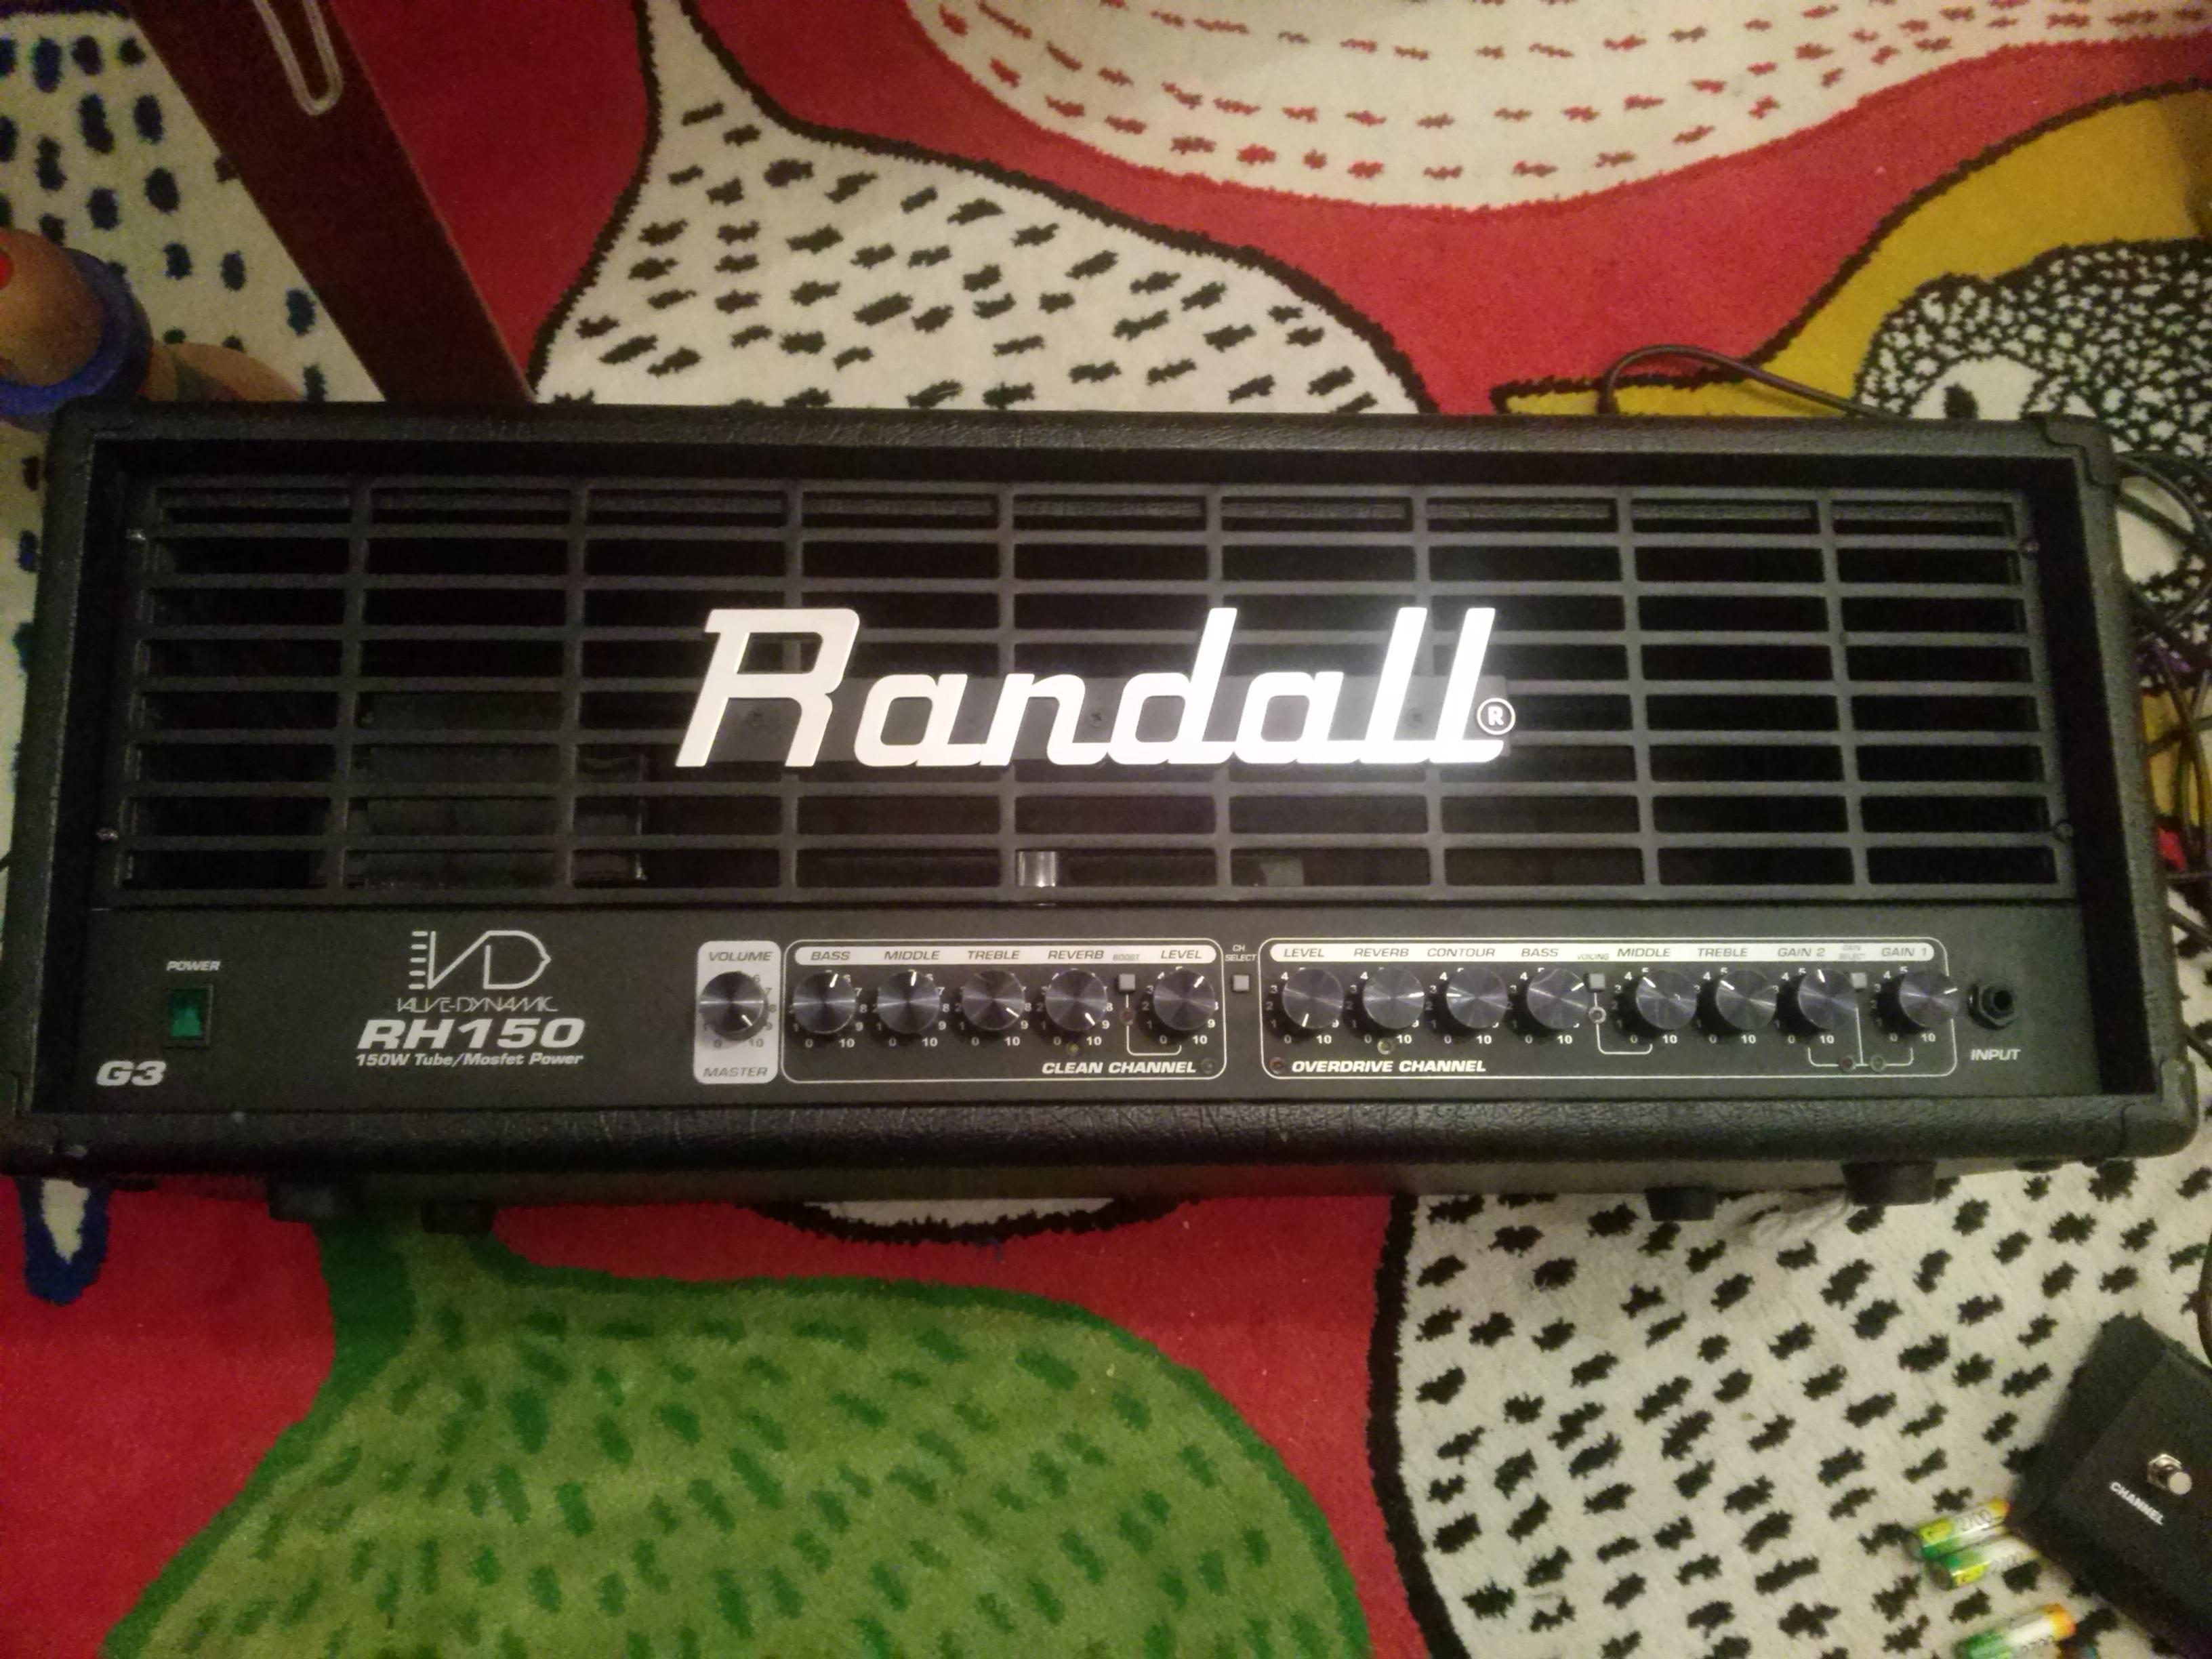 schemat /aukcje/Randall-RH150 Przodek.jpg